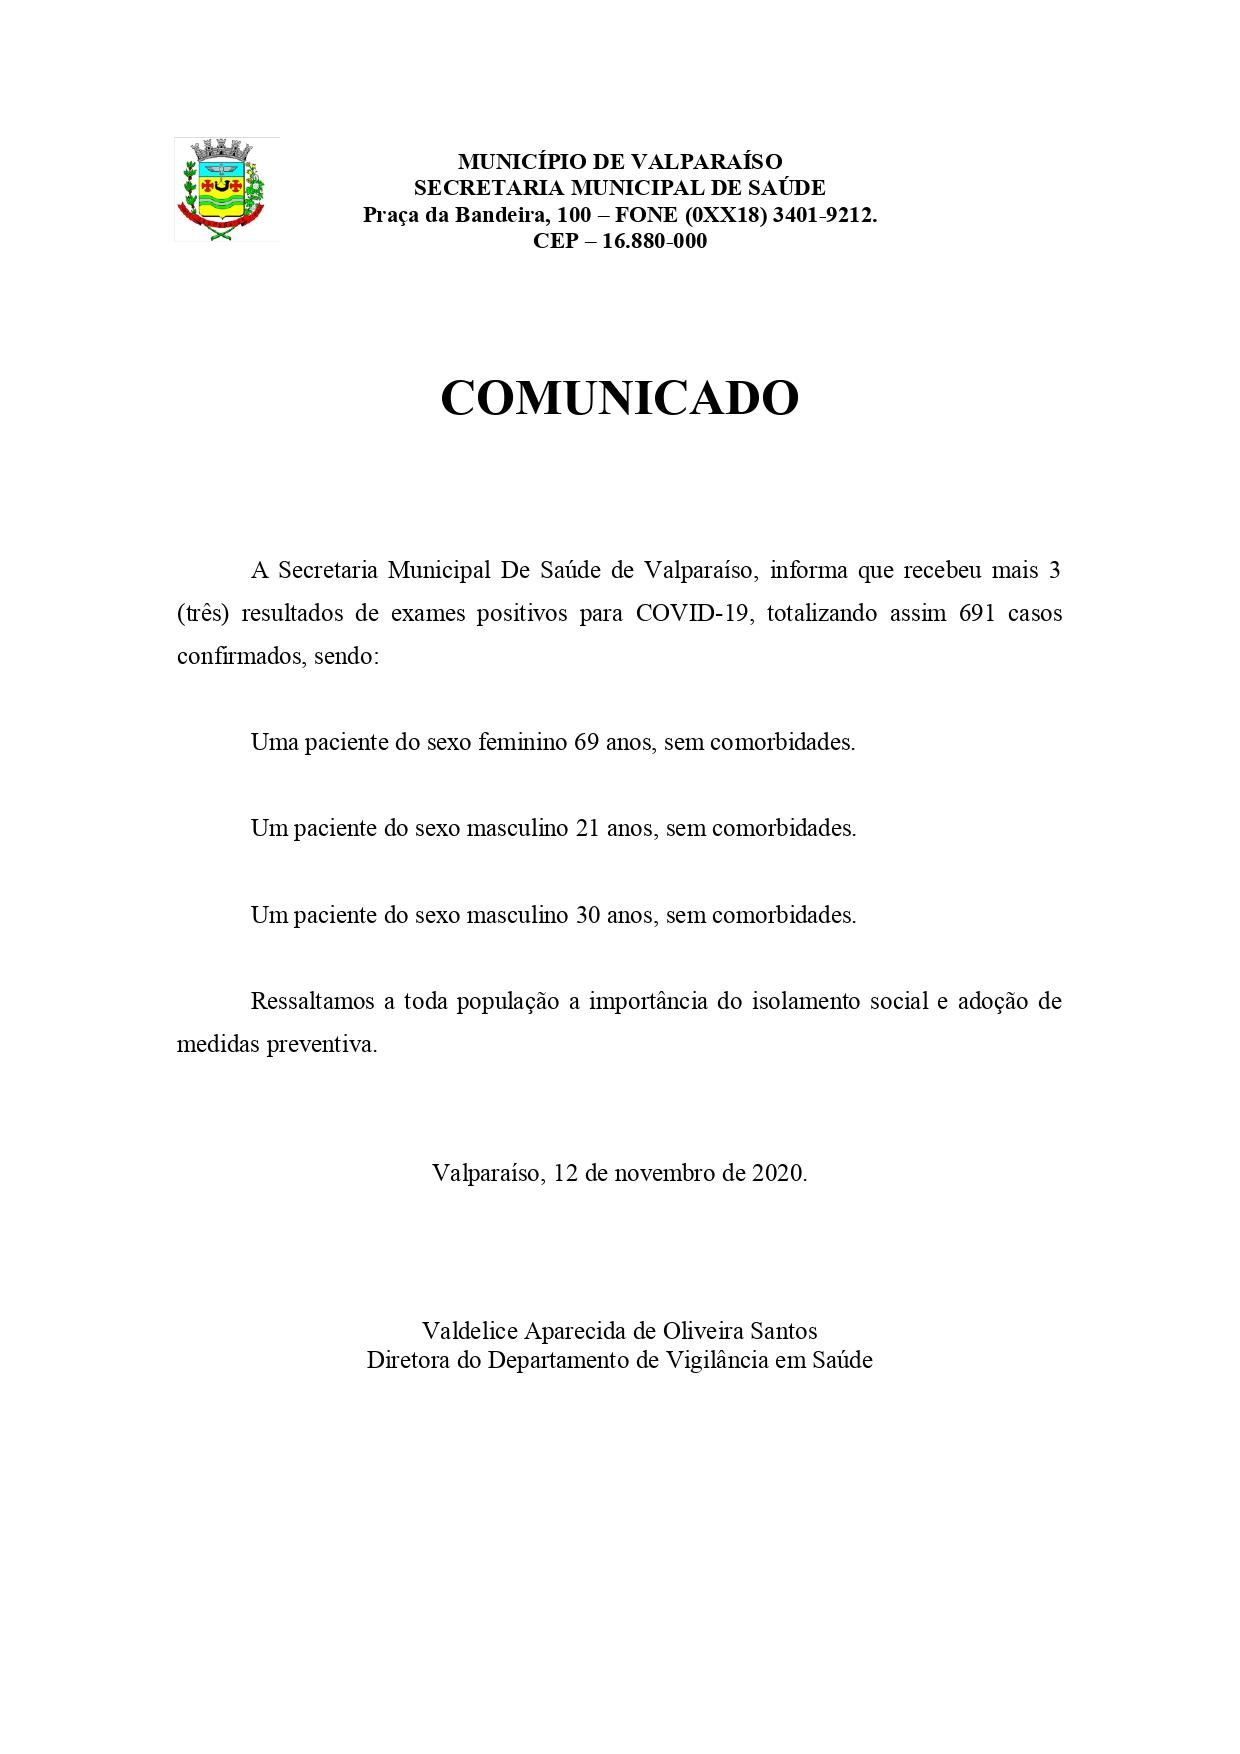 covid691